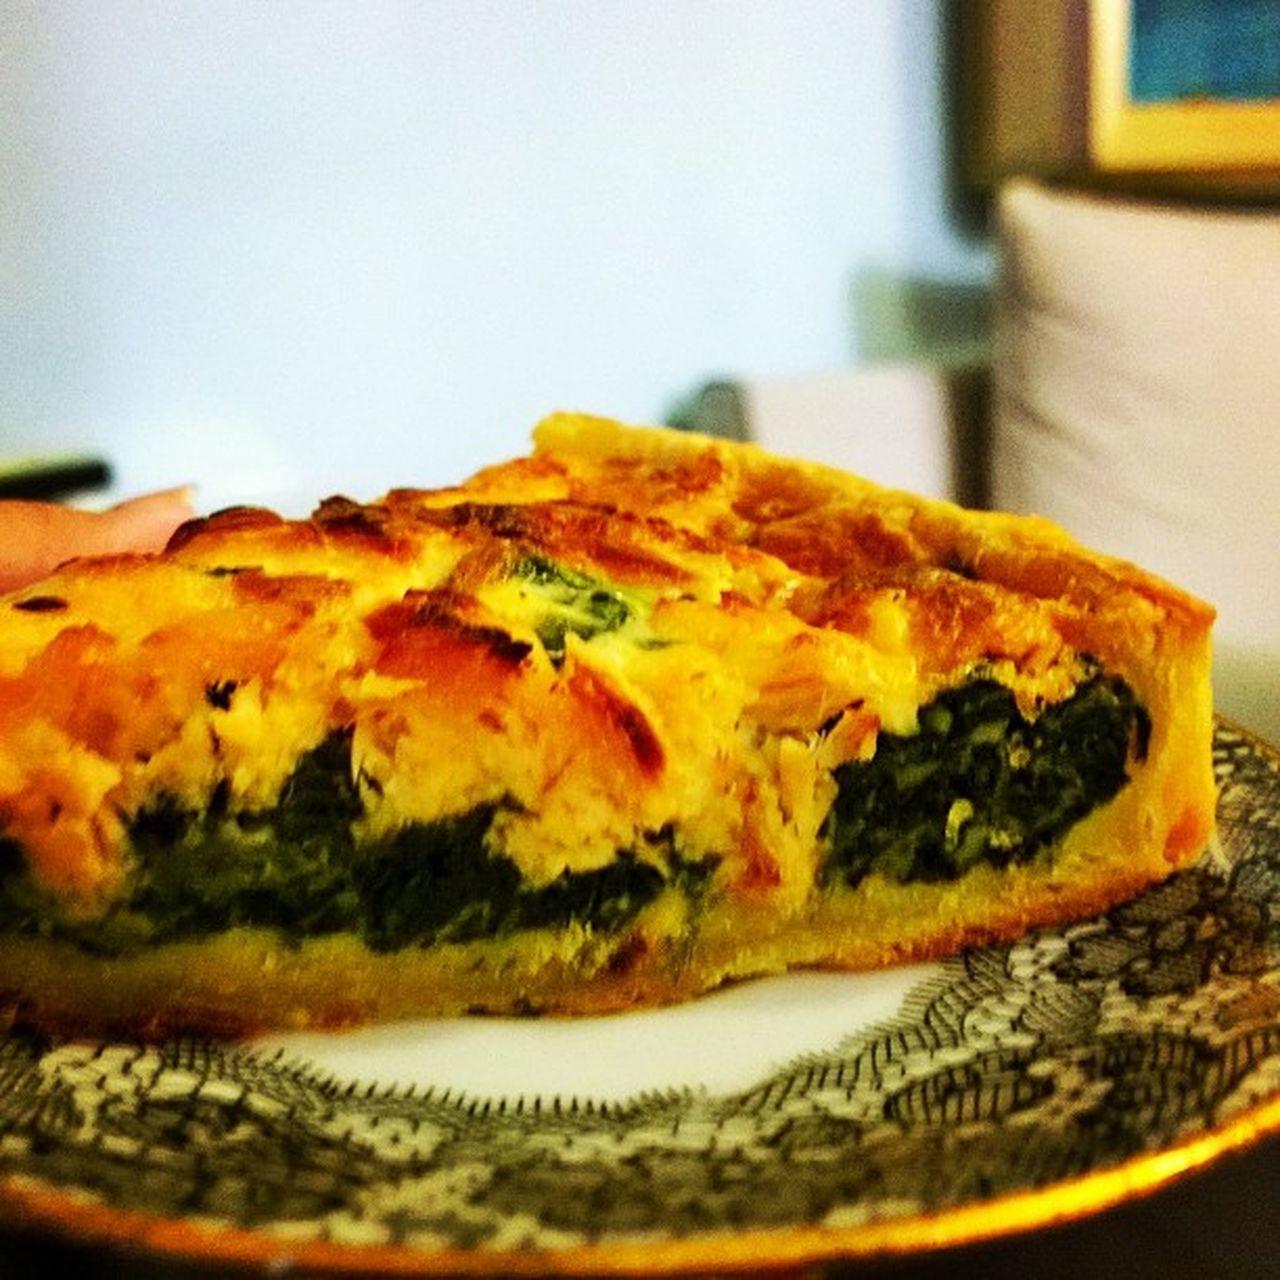 Good morning Paris 好早又好冷 吃到史上最好吃的鹹派<3<3<3<3<3 裡面有滿滿我的最愛菠菜 鮪魚